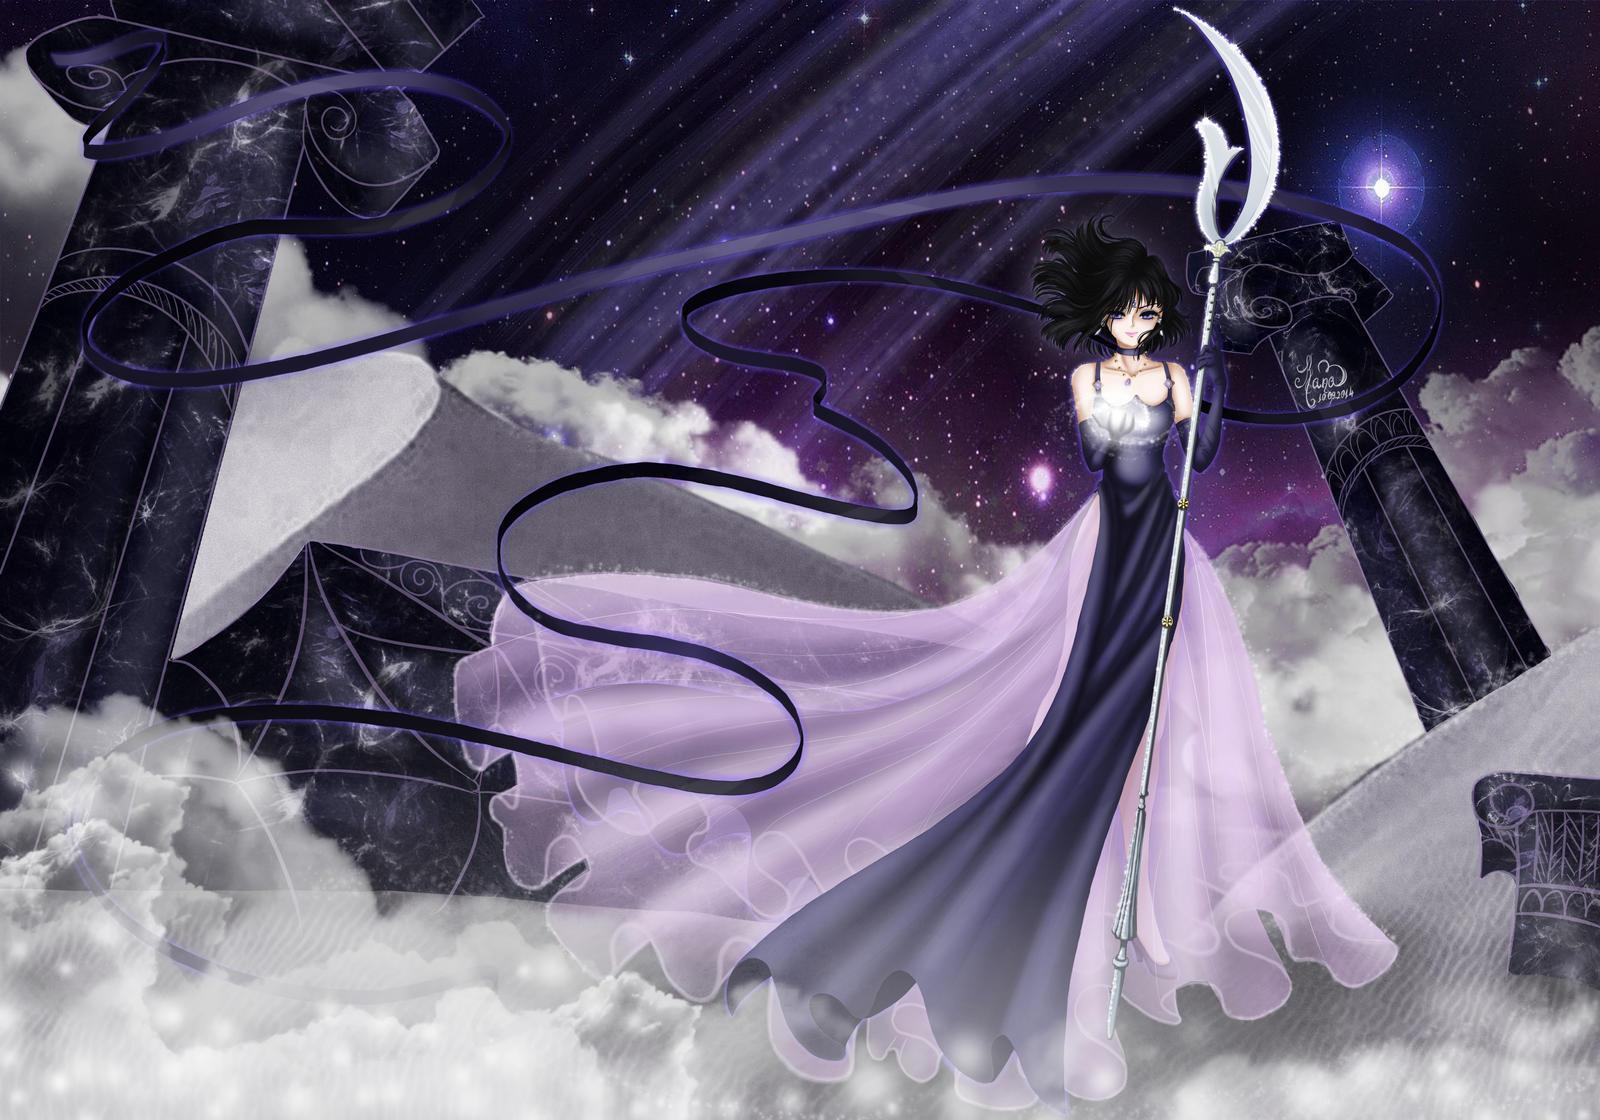 Princess Saturn - Sailor Moon Wallpapers and Images - Desktop ...